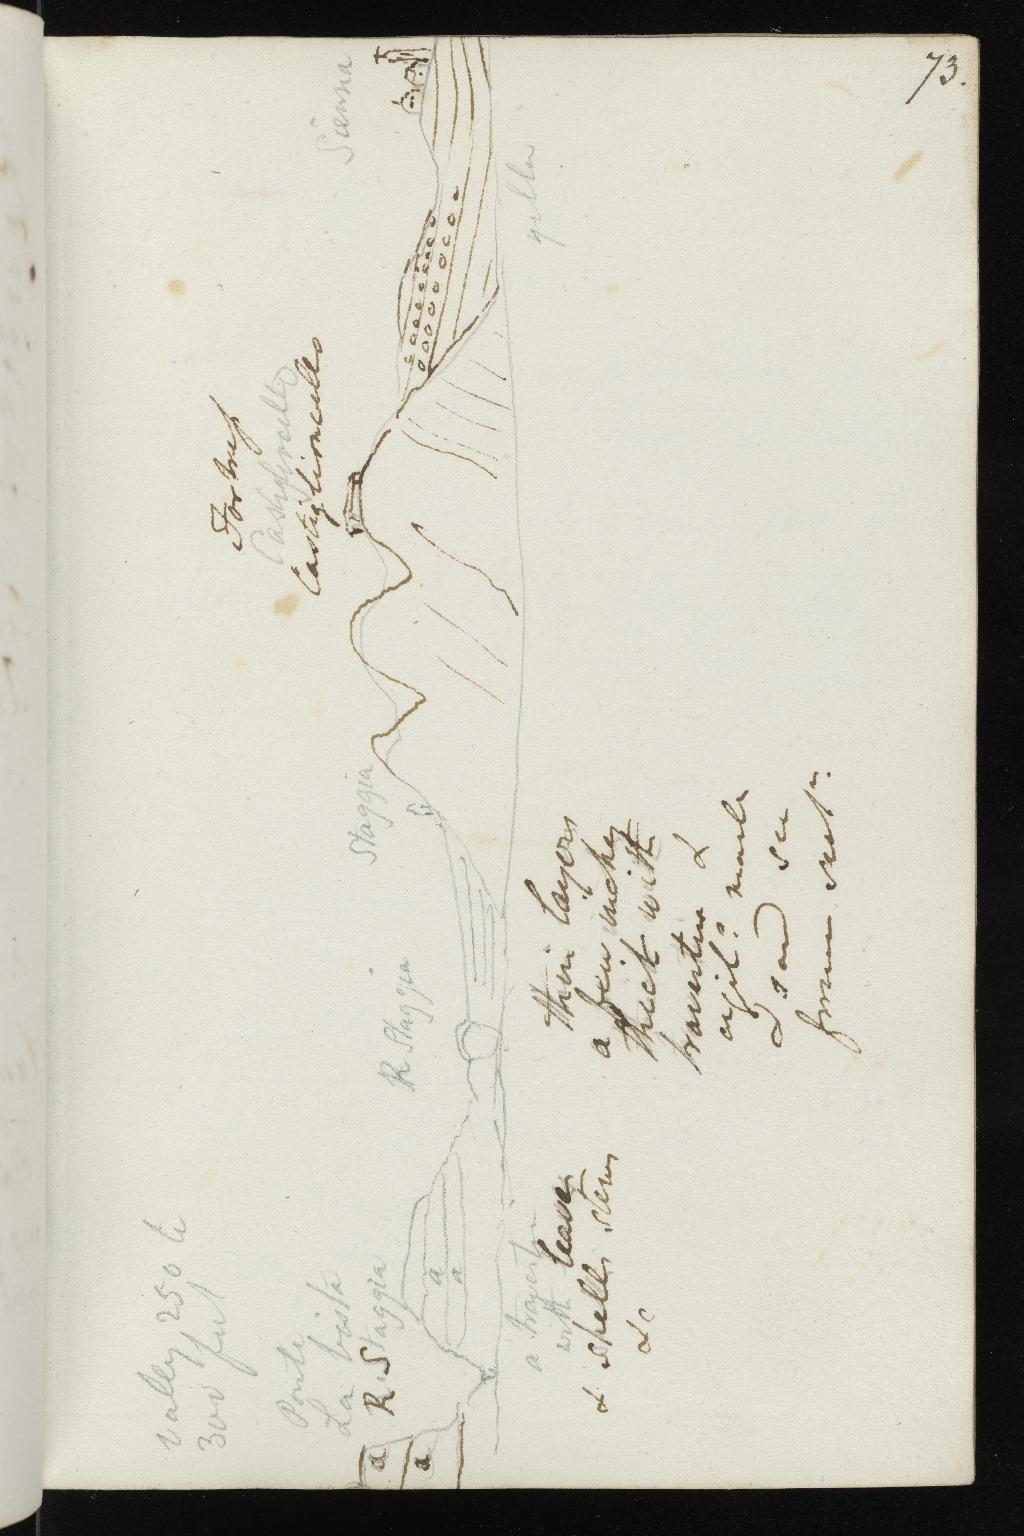 Notebook No.22, Lyell, Charles (Sir) - page p.73